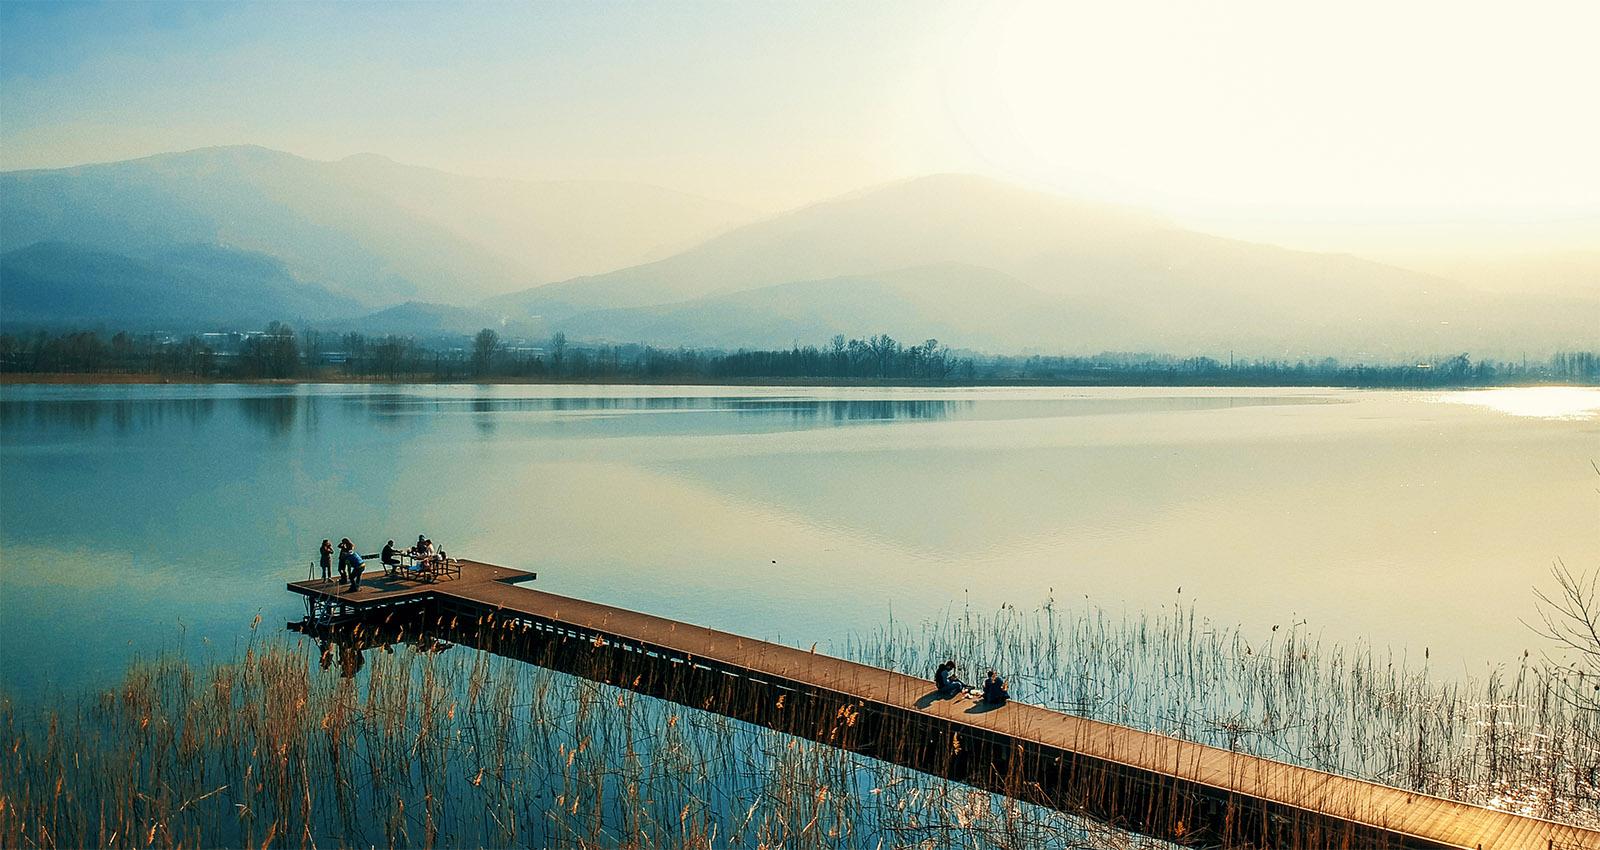 Sapanca, Sakaryanın doğal güzelliklerini bir arada barındıran cenneti gibidir ve otelimize sadece 10 dakikalık bir mesafededir.